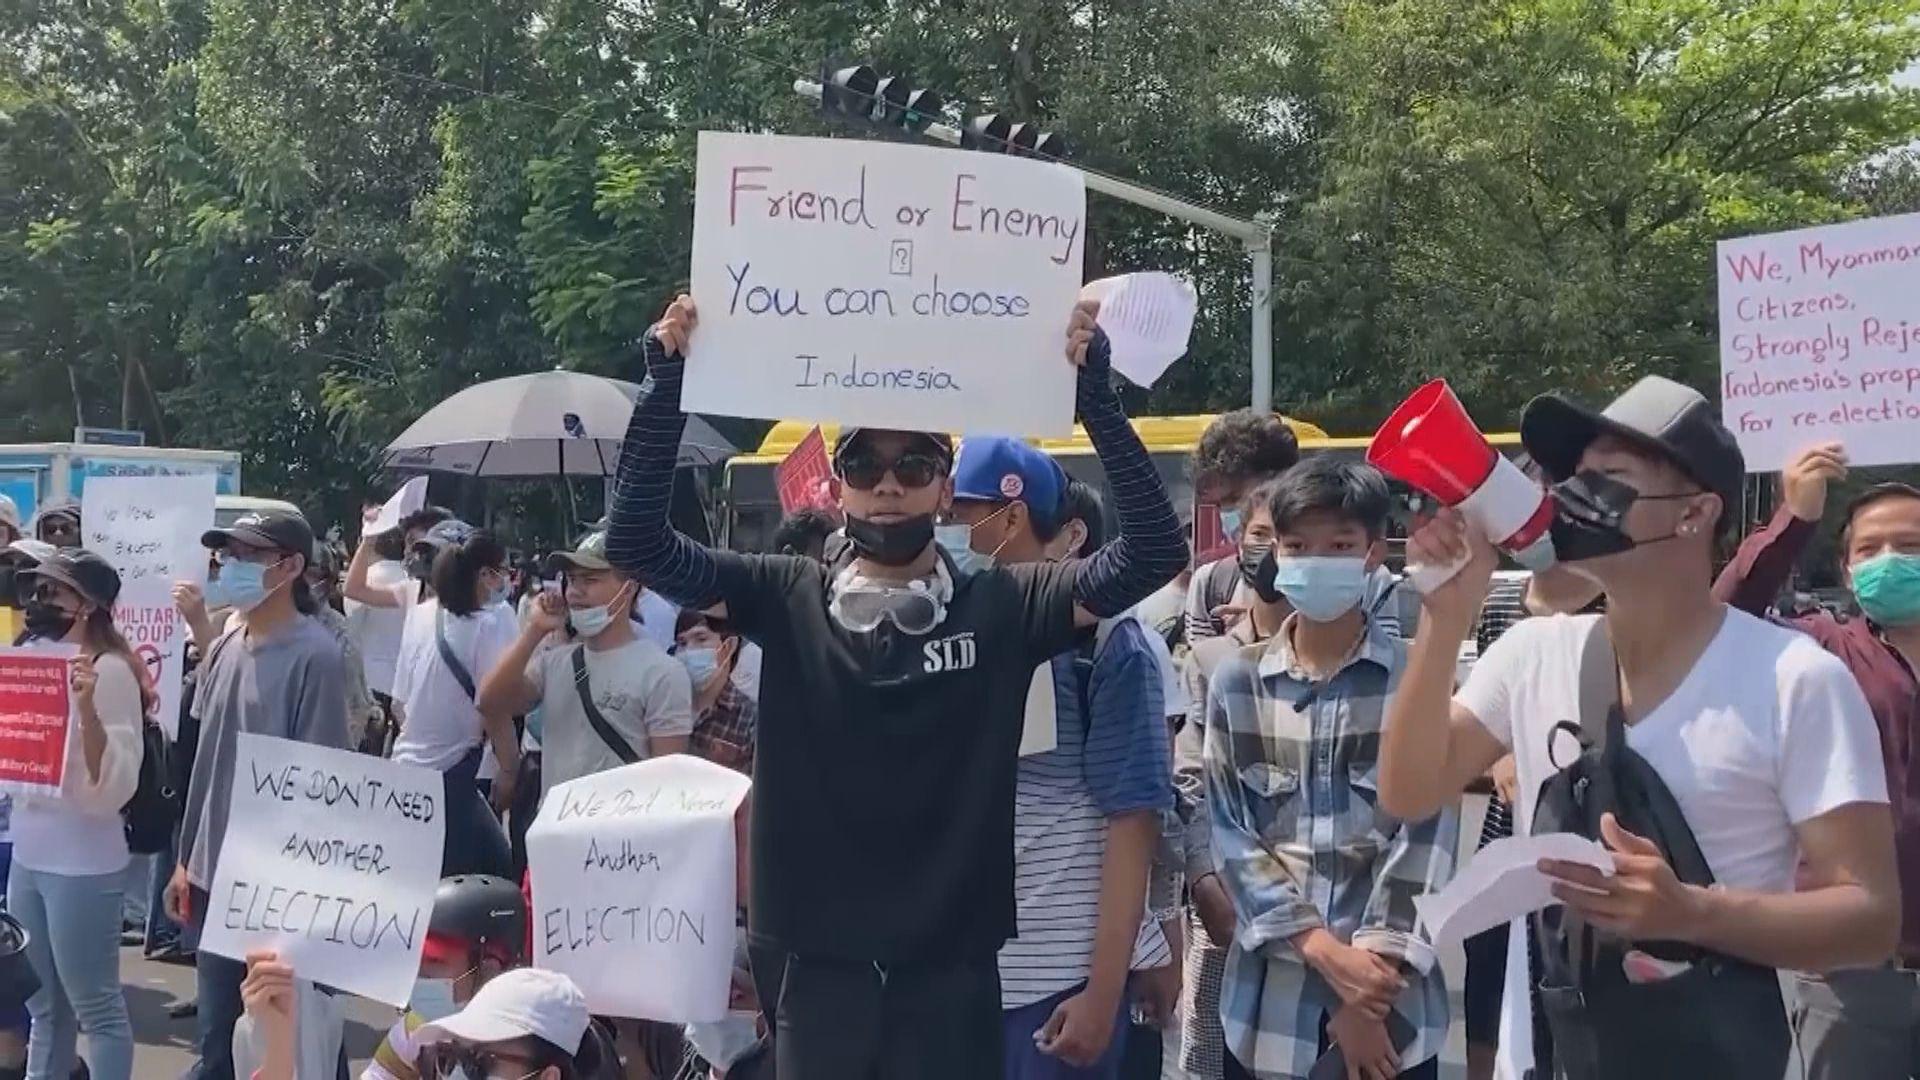 據報將訪問緬甸的印尼外長取消行程